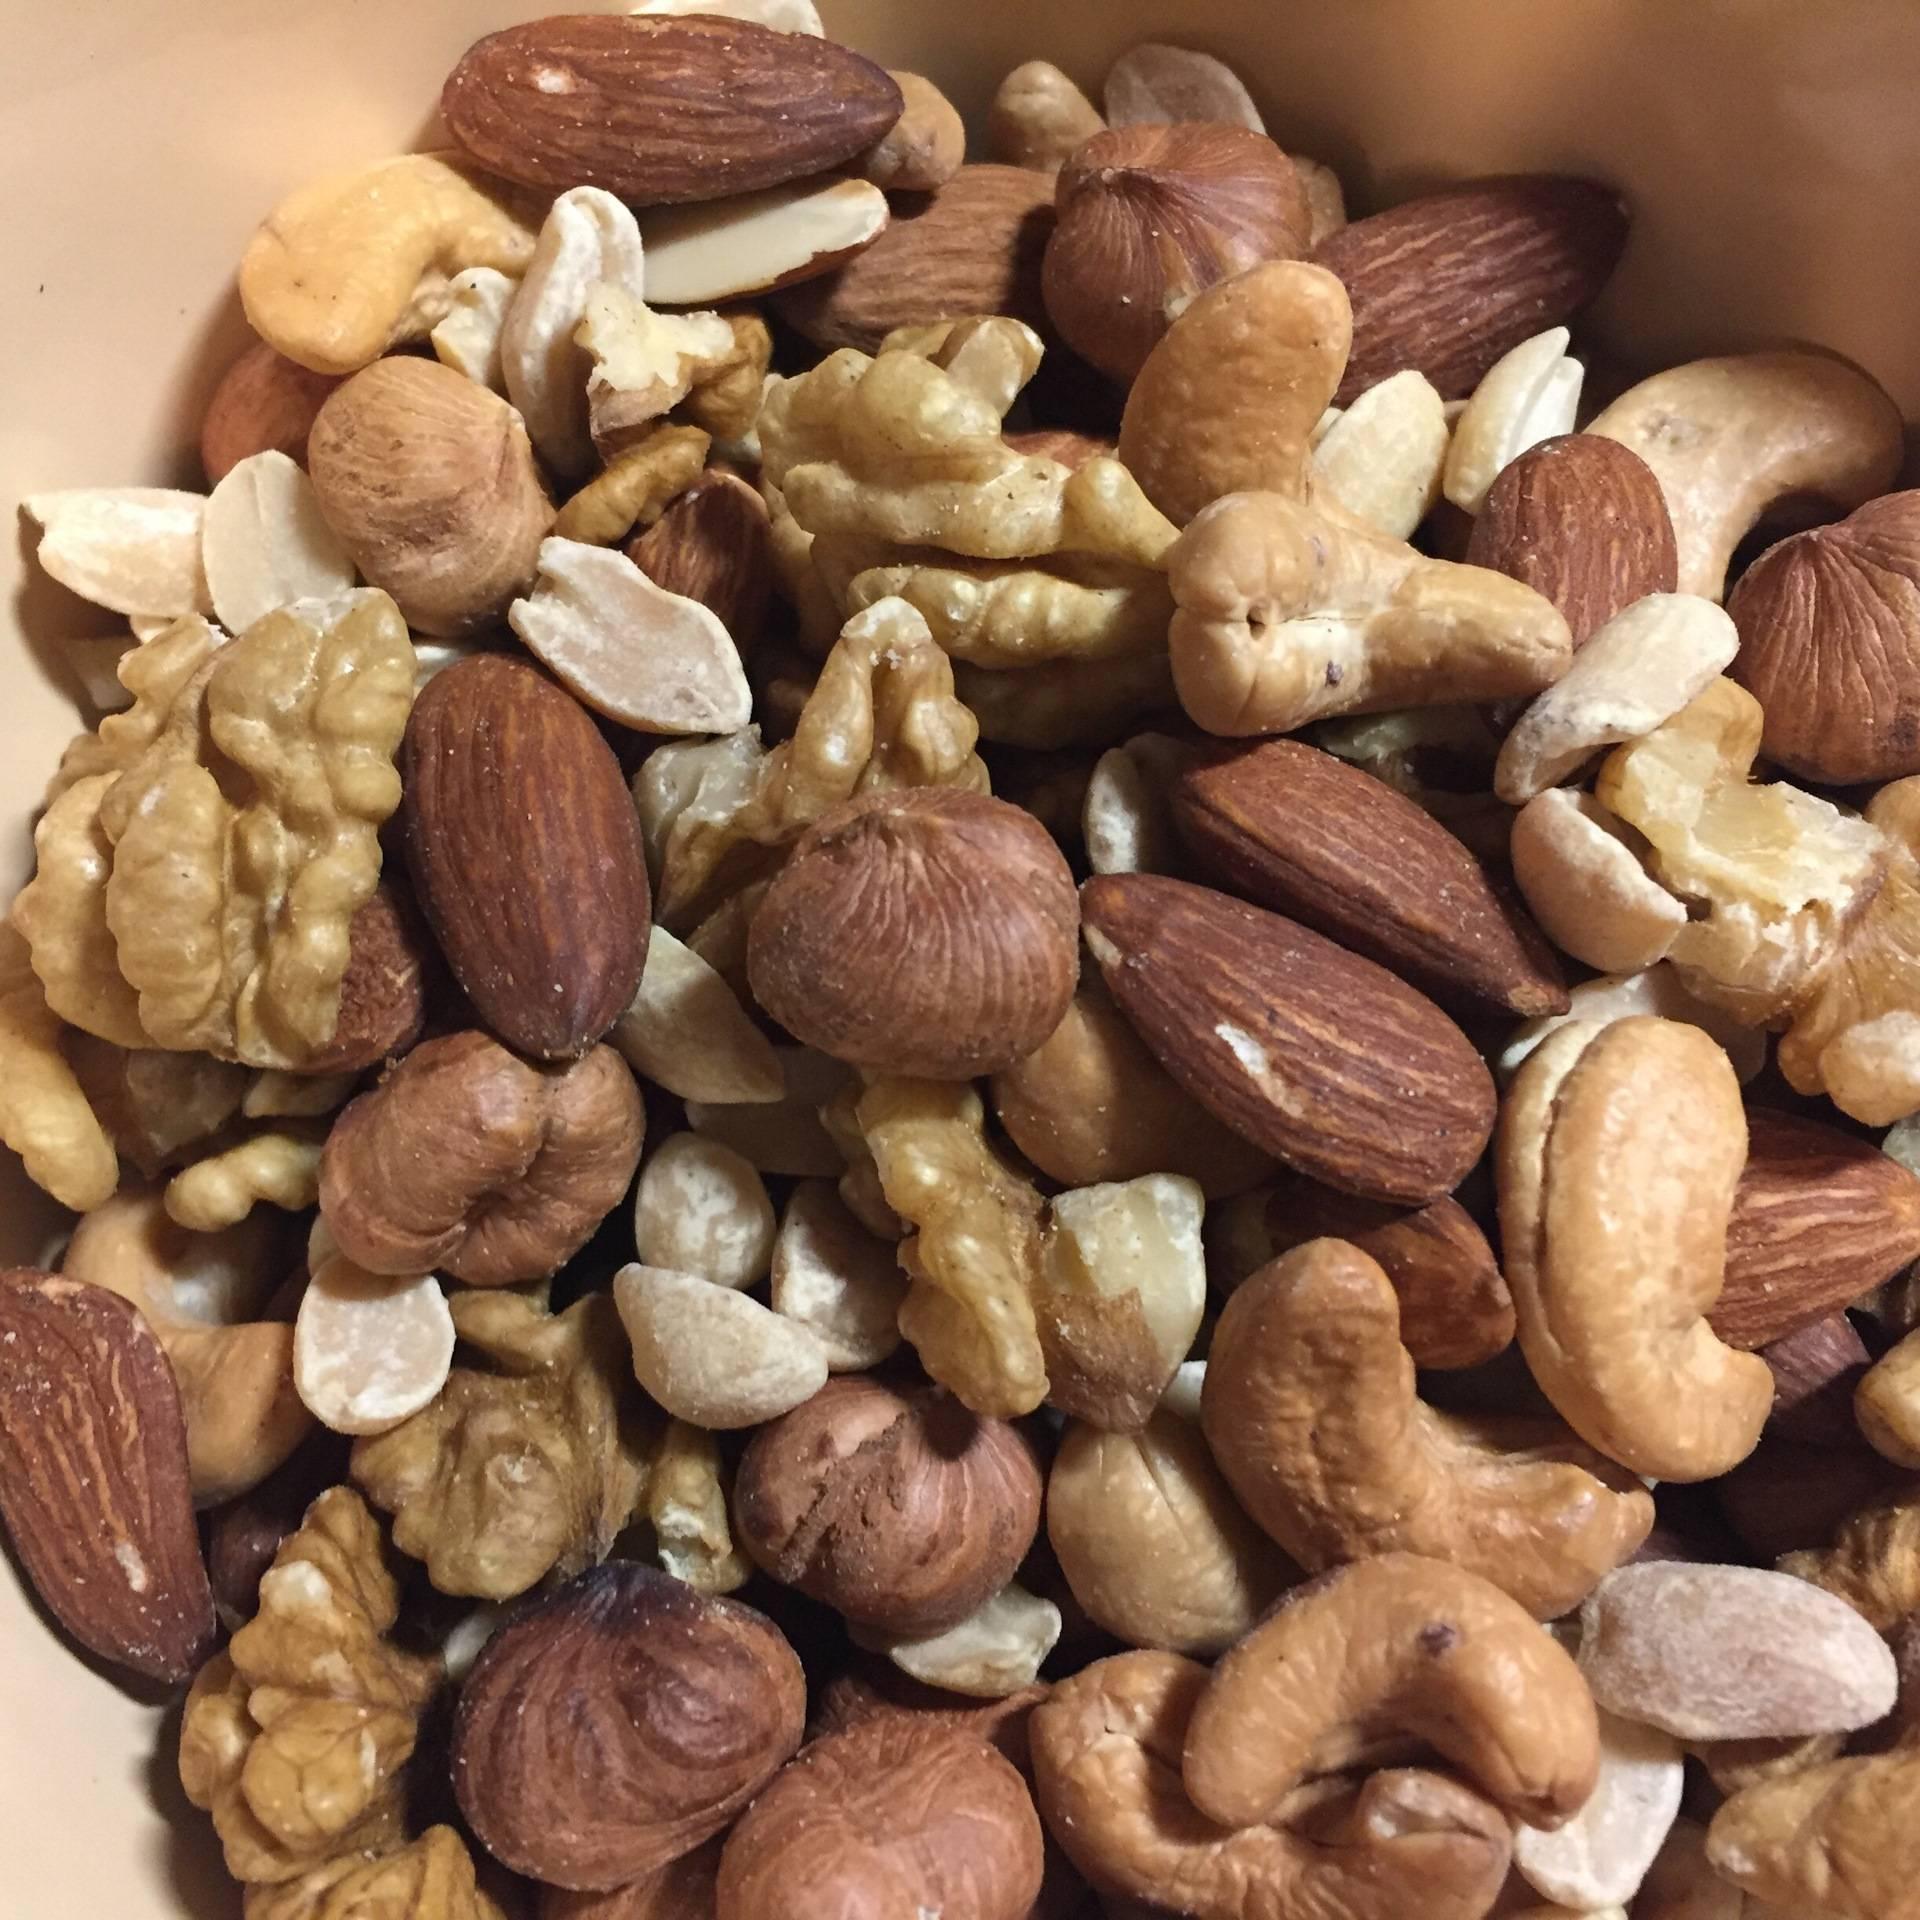 С какого возраста можно давать орехи?